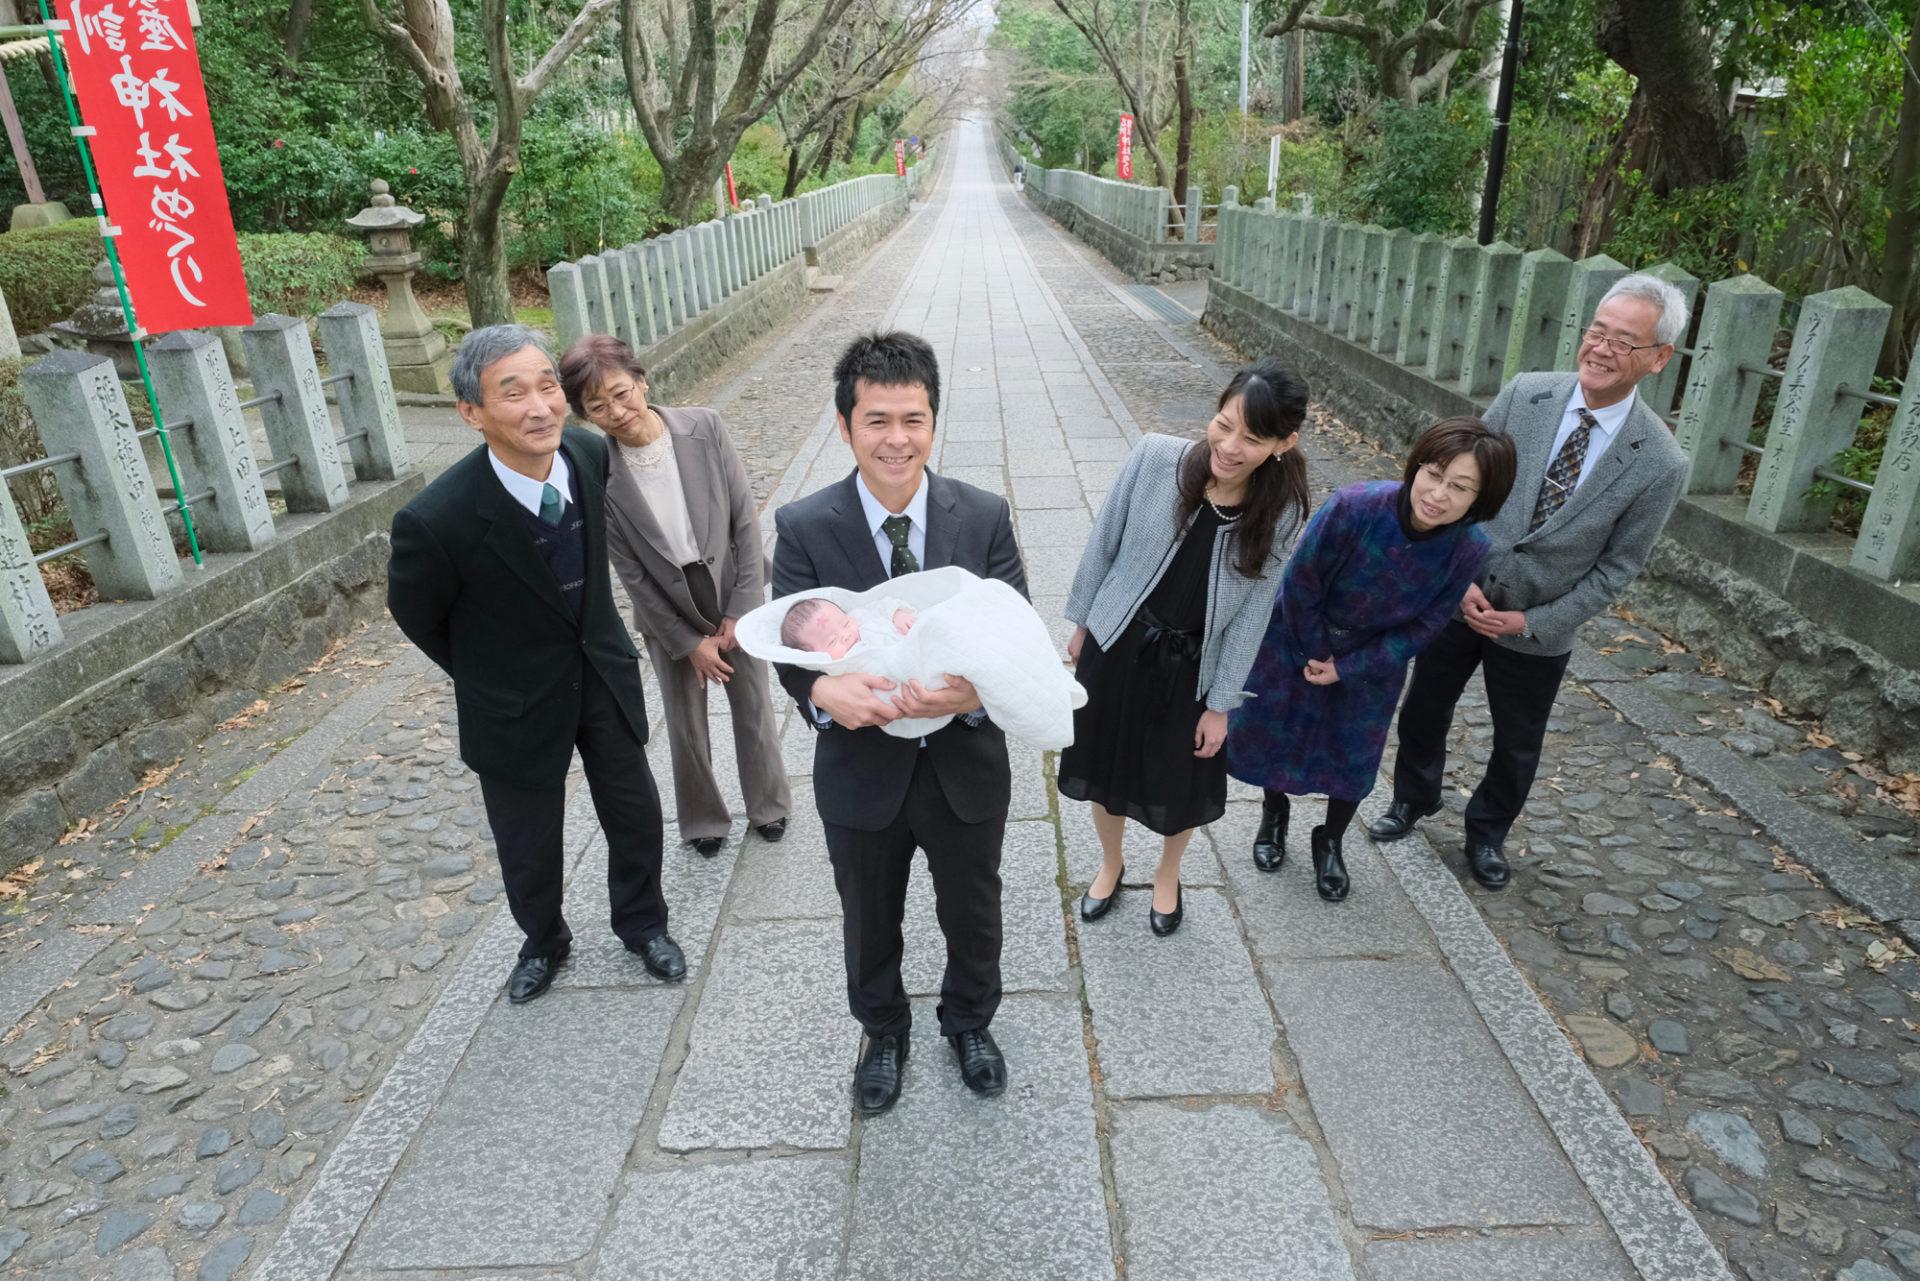 向日神社でのお宮参り写真